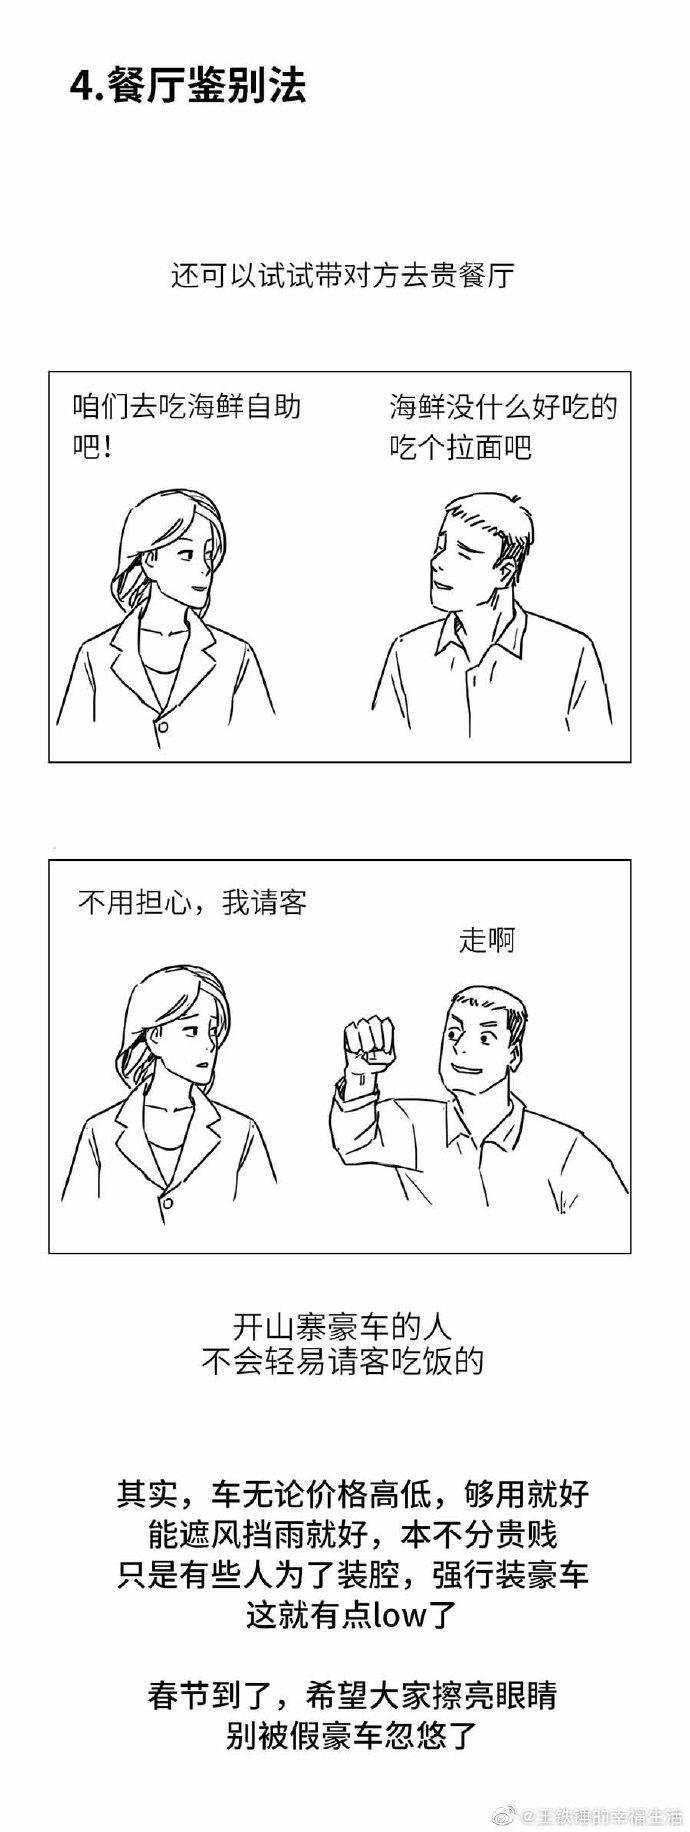 春节防装逼必备:假豪车鉴定指南  liuliushe.net六六社 第7张